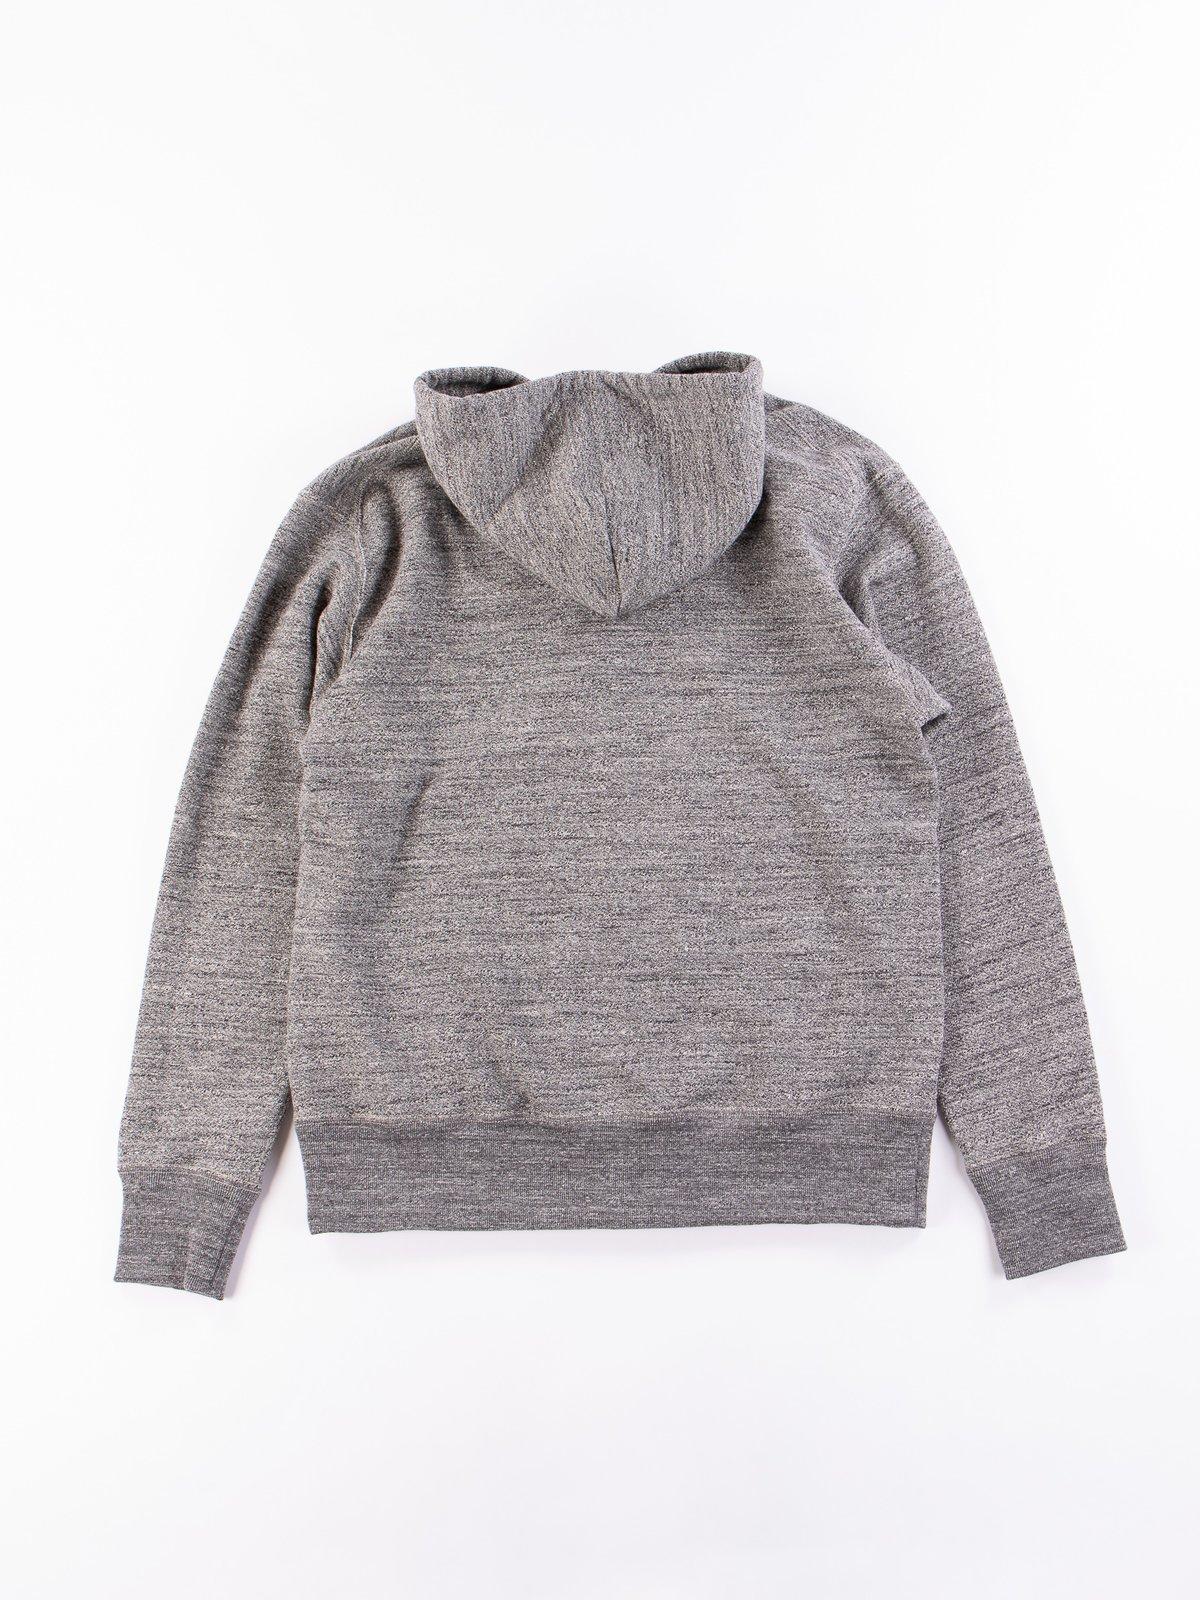 Charcoal GG Full Zip Sweatshirt - Image 6